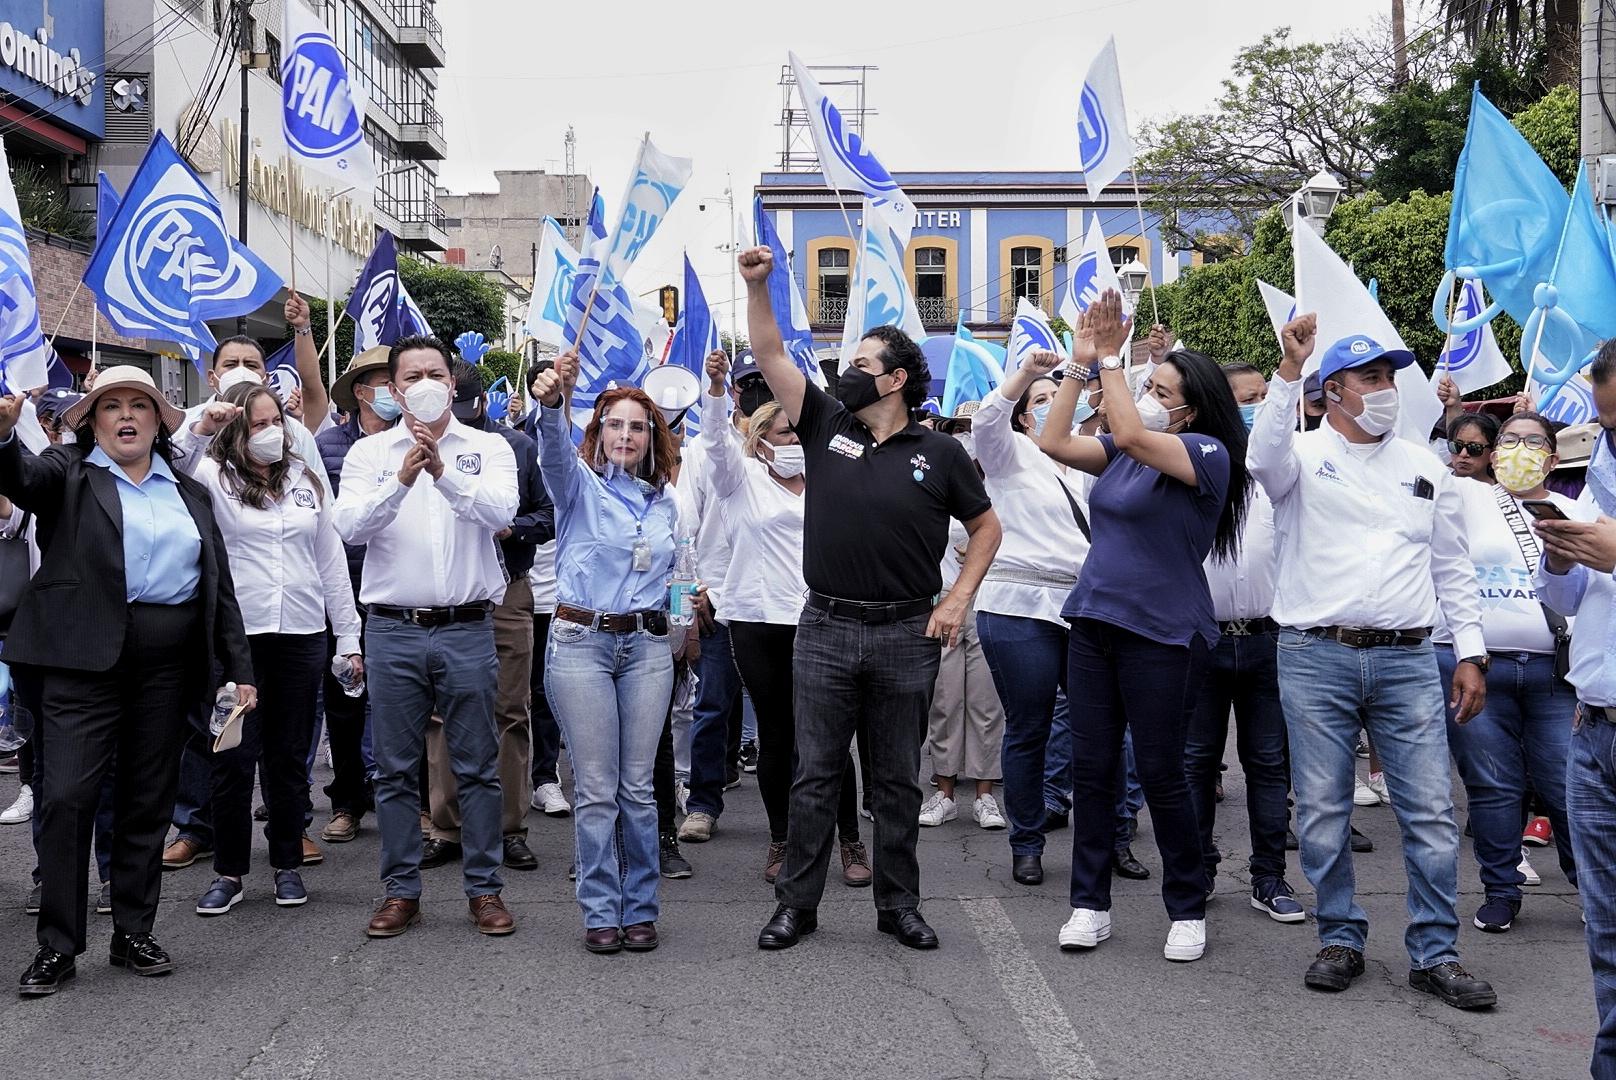 Se siente un ánimo de victoria en el Estado de México: Enrique Vargas